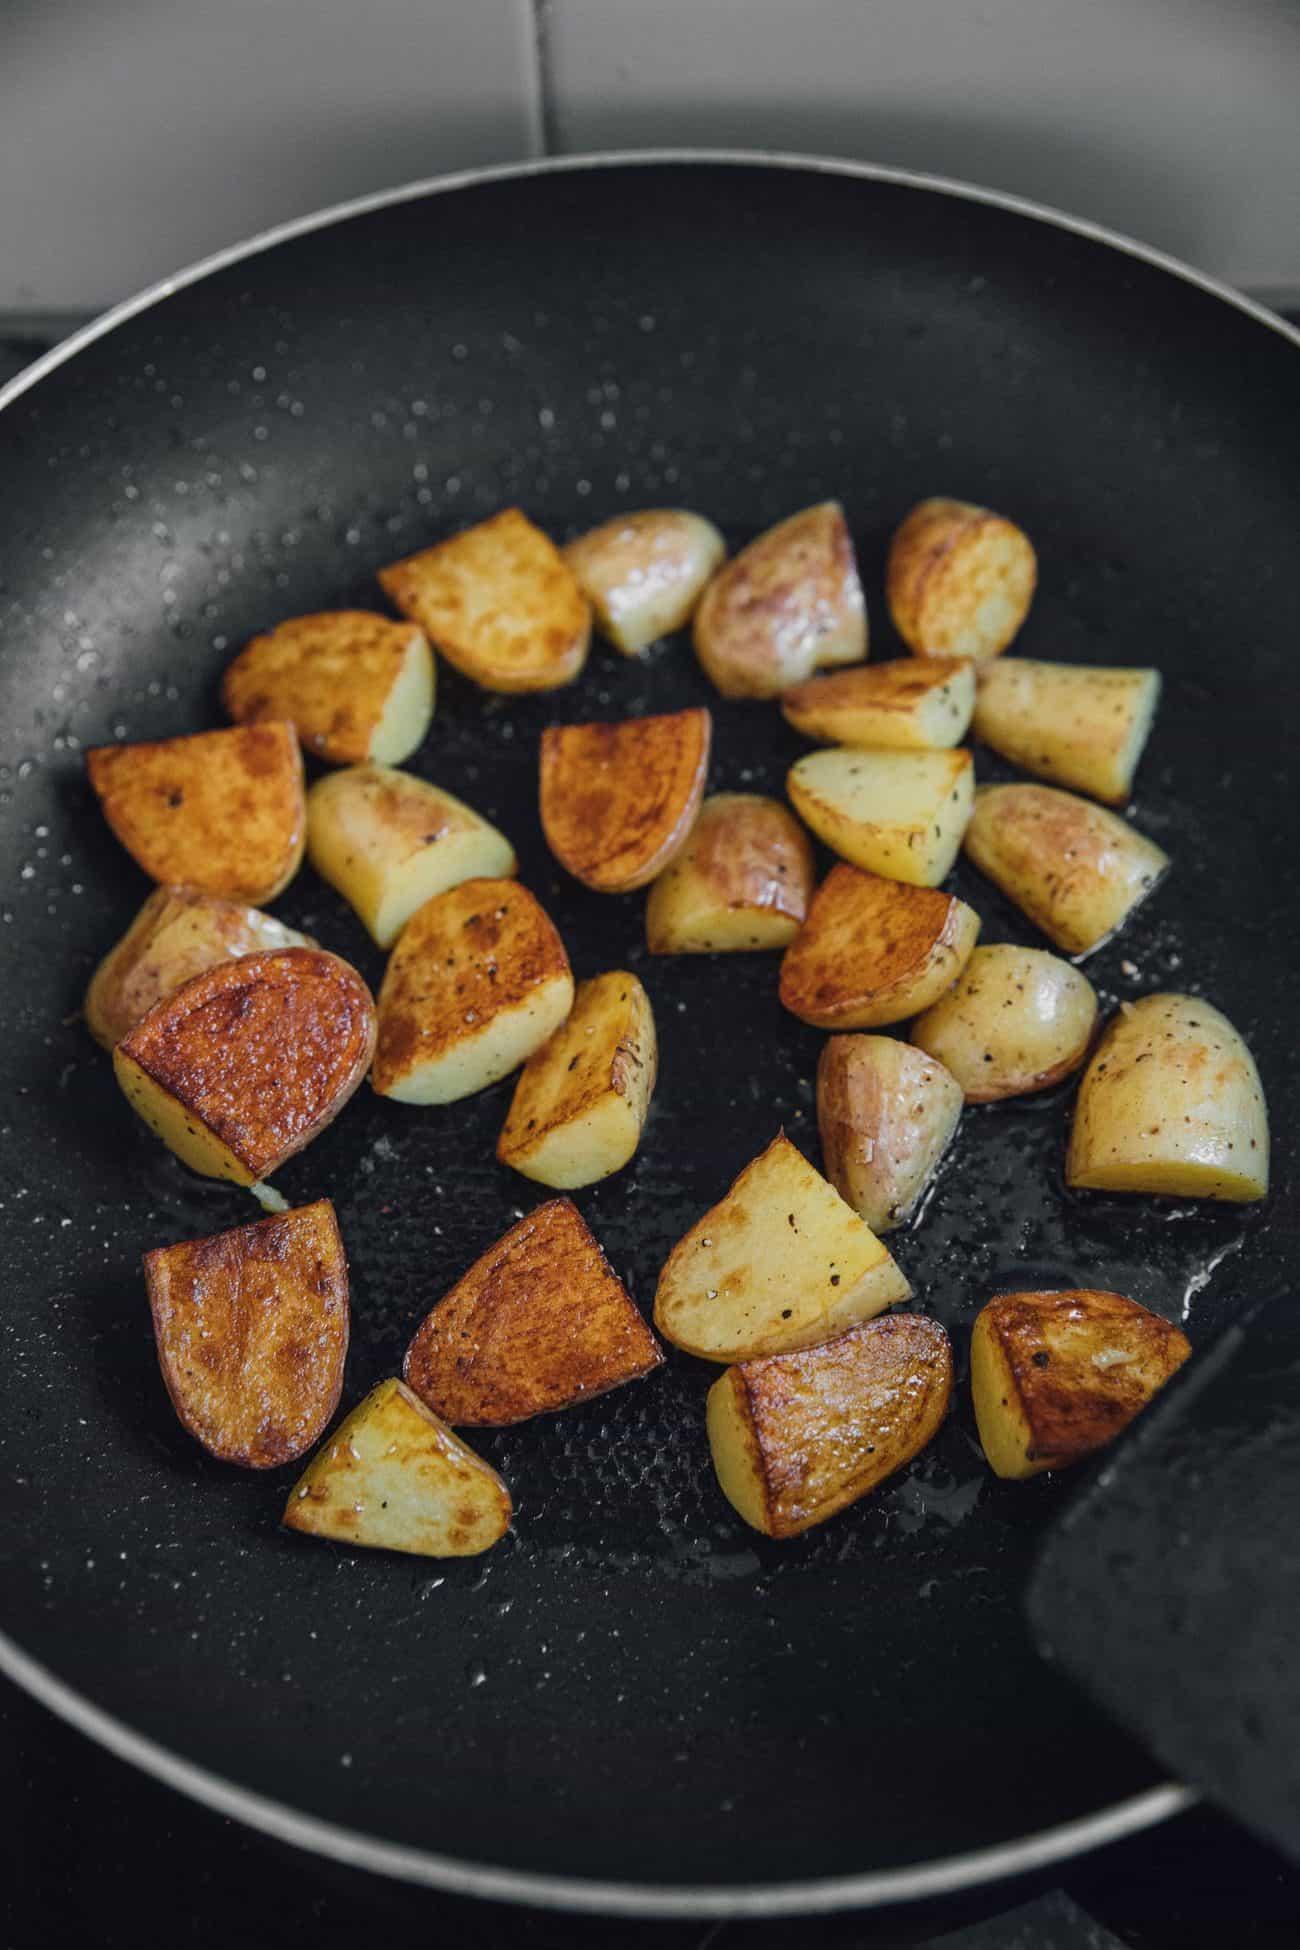 20 Minute Smoked Sausage and Potato Skillet